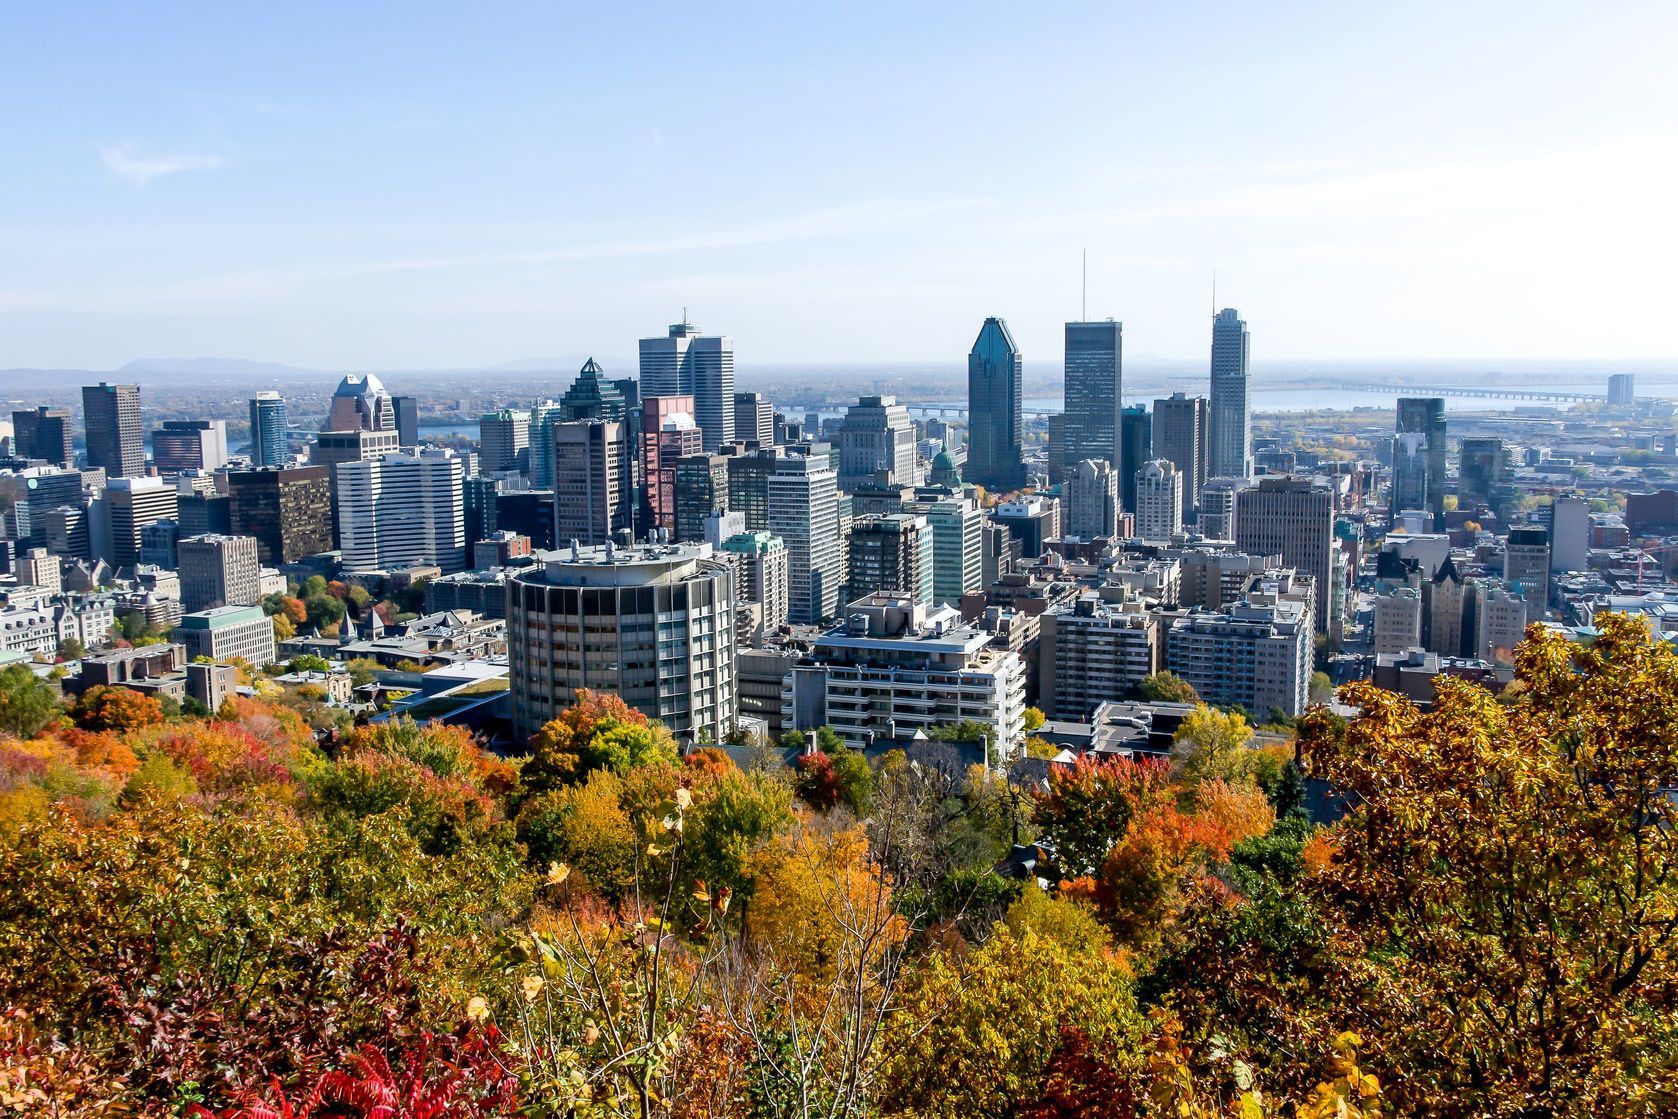 Výhled na Montreál během podzimu | denis0856/123RF.com